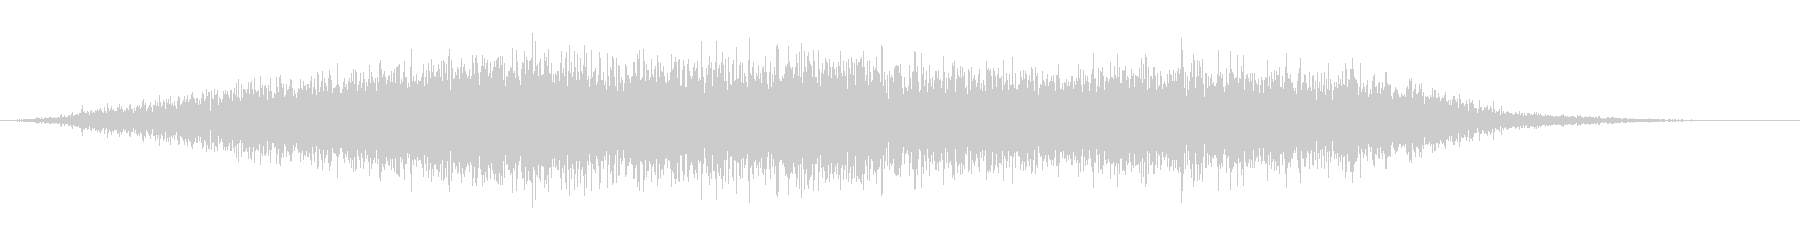 スパッタリングスライシングフーシ6の未再生の波形